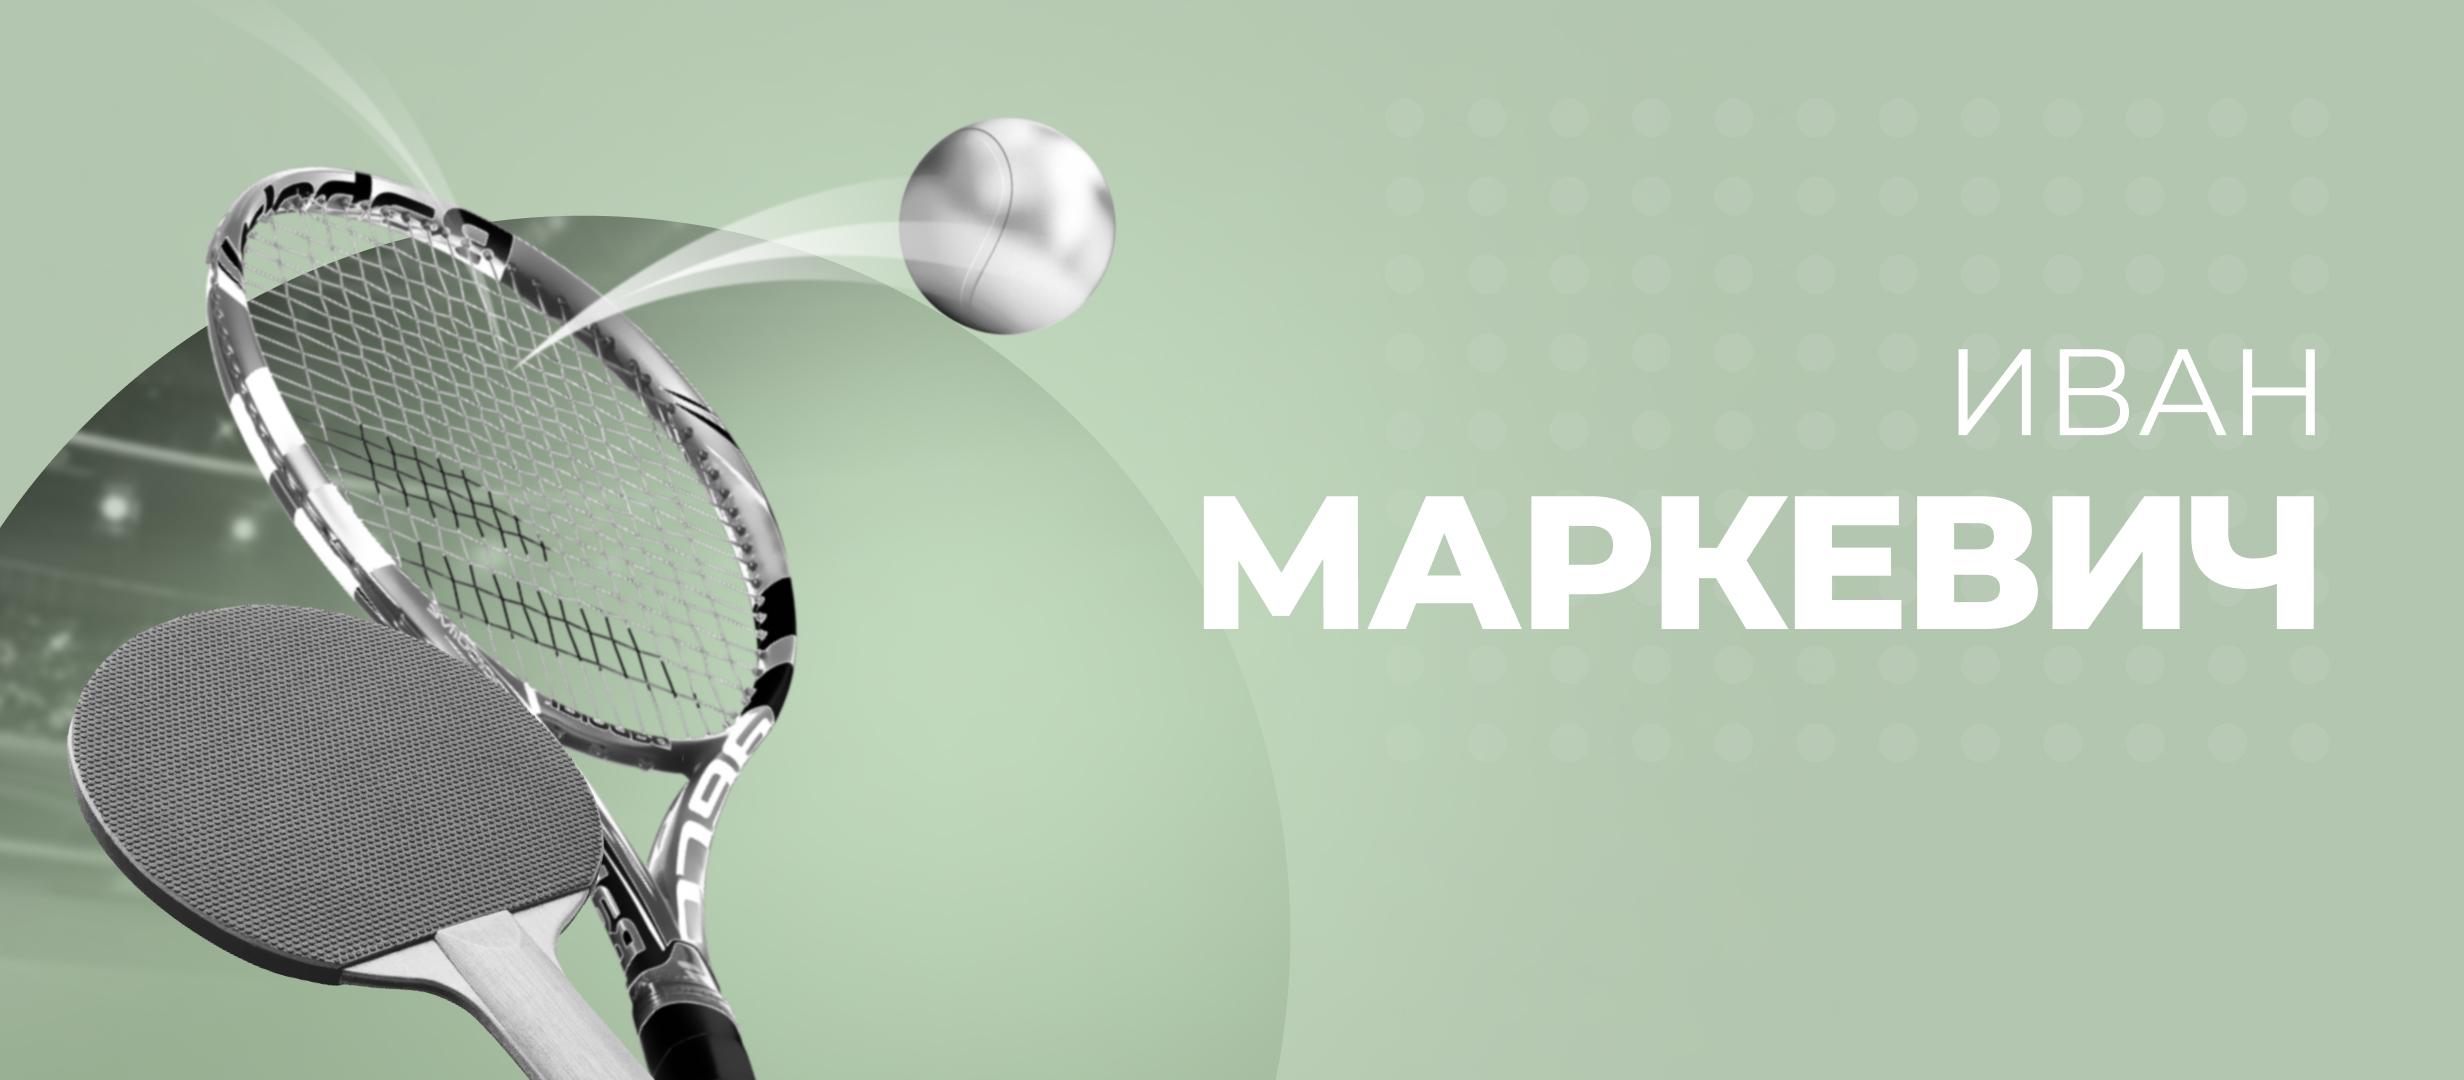 Стратегия ставок на теннис: ТБ в финалах турниров АТР